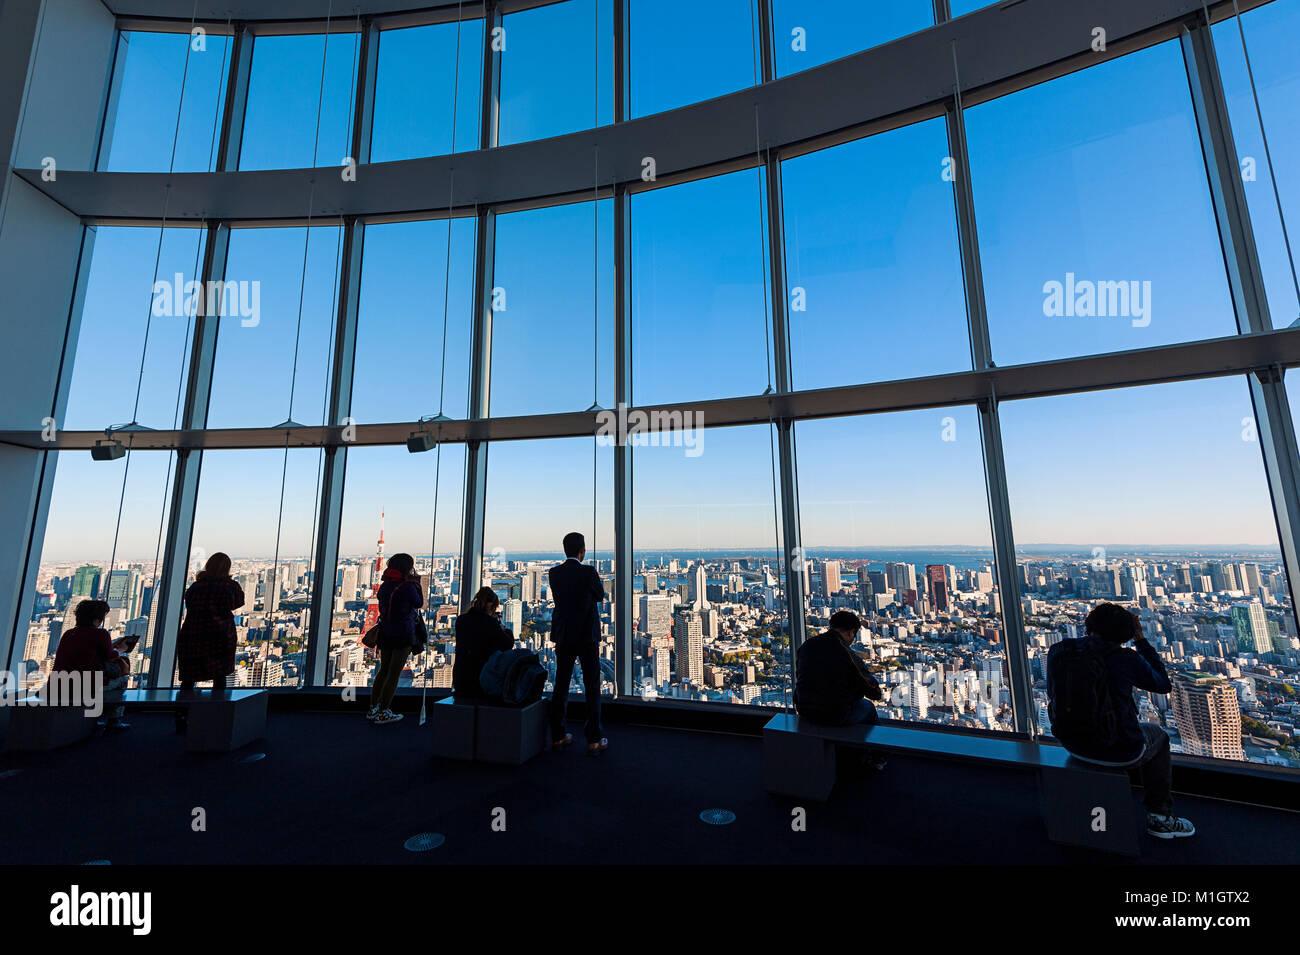 Mori Tower Roppongi Hills Tokyo City View - Stock Image